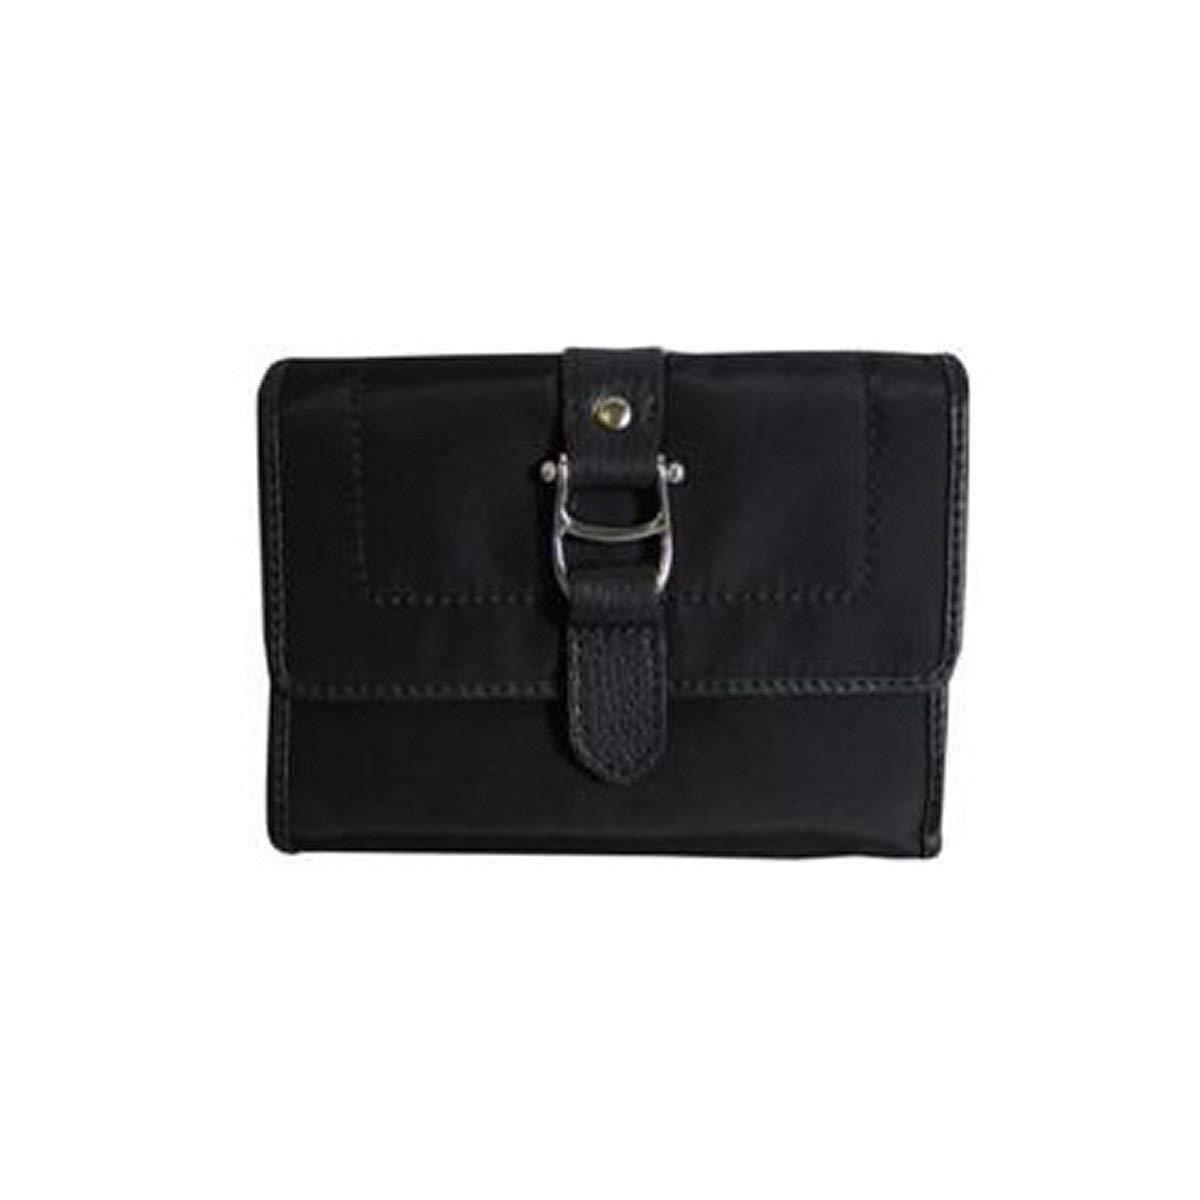 AIGNER Original Damen Geldbörse Portemonnaie Leder schwarz Portmonee schwarz